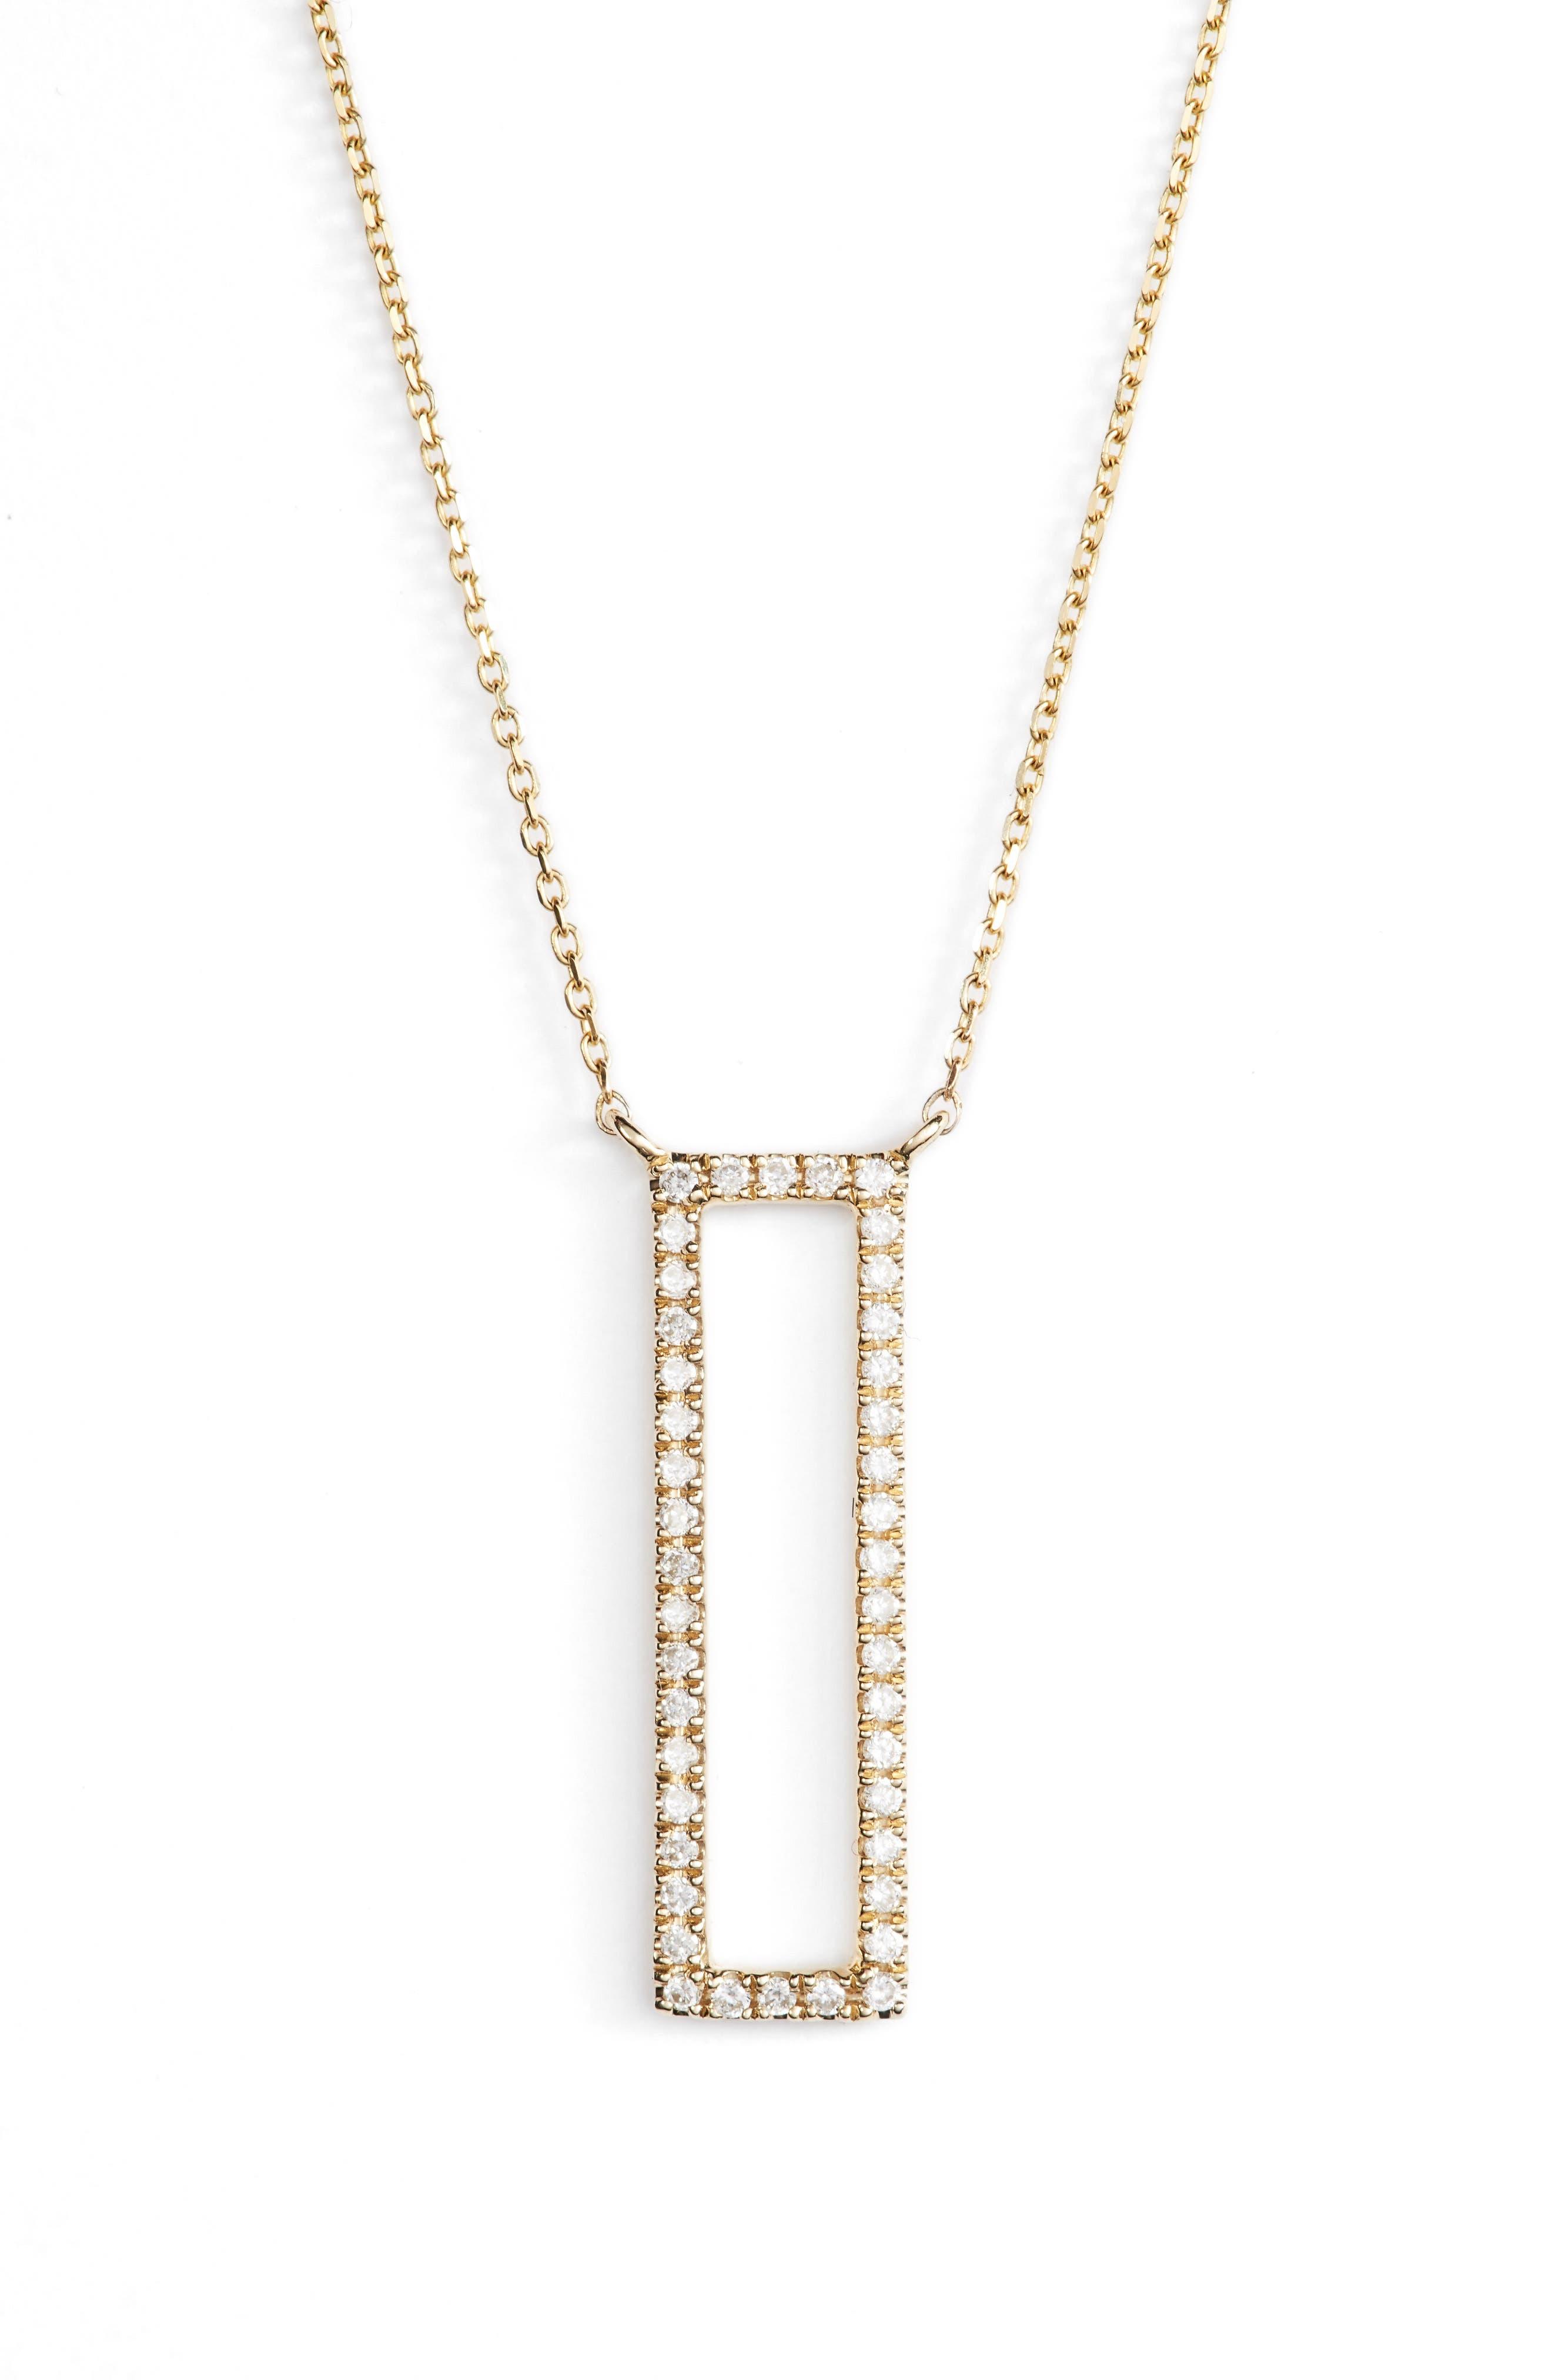 Dana Rebecca Designs Diamond Pendant Necklace